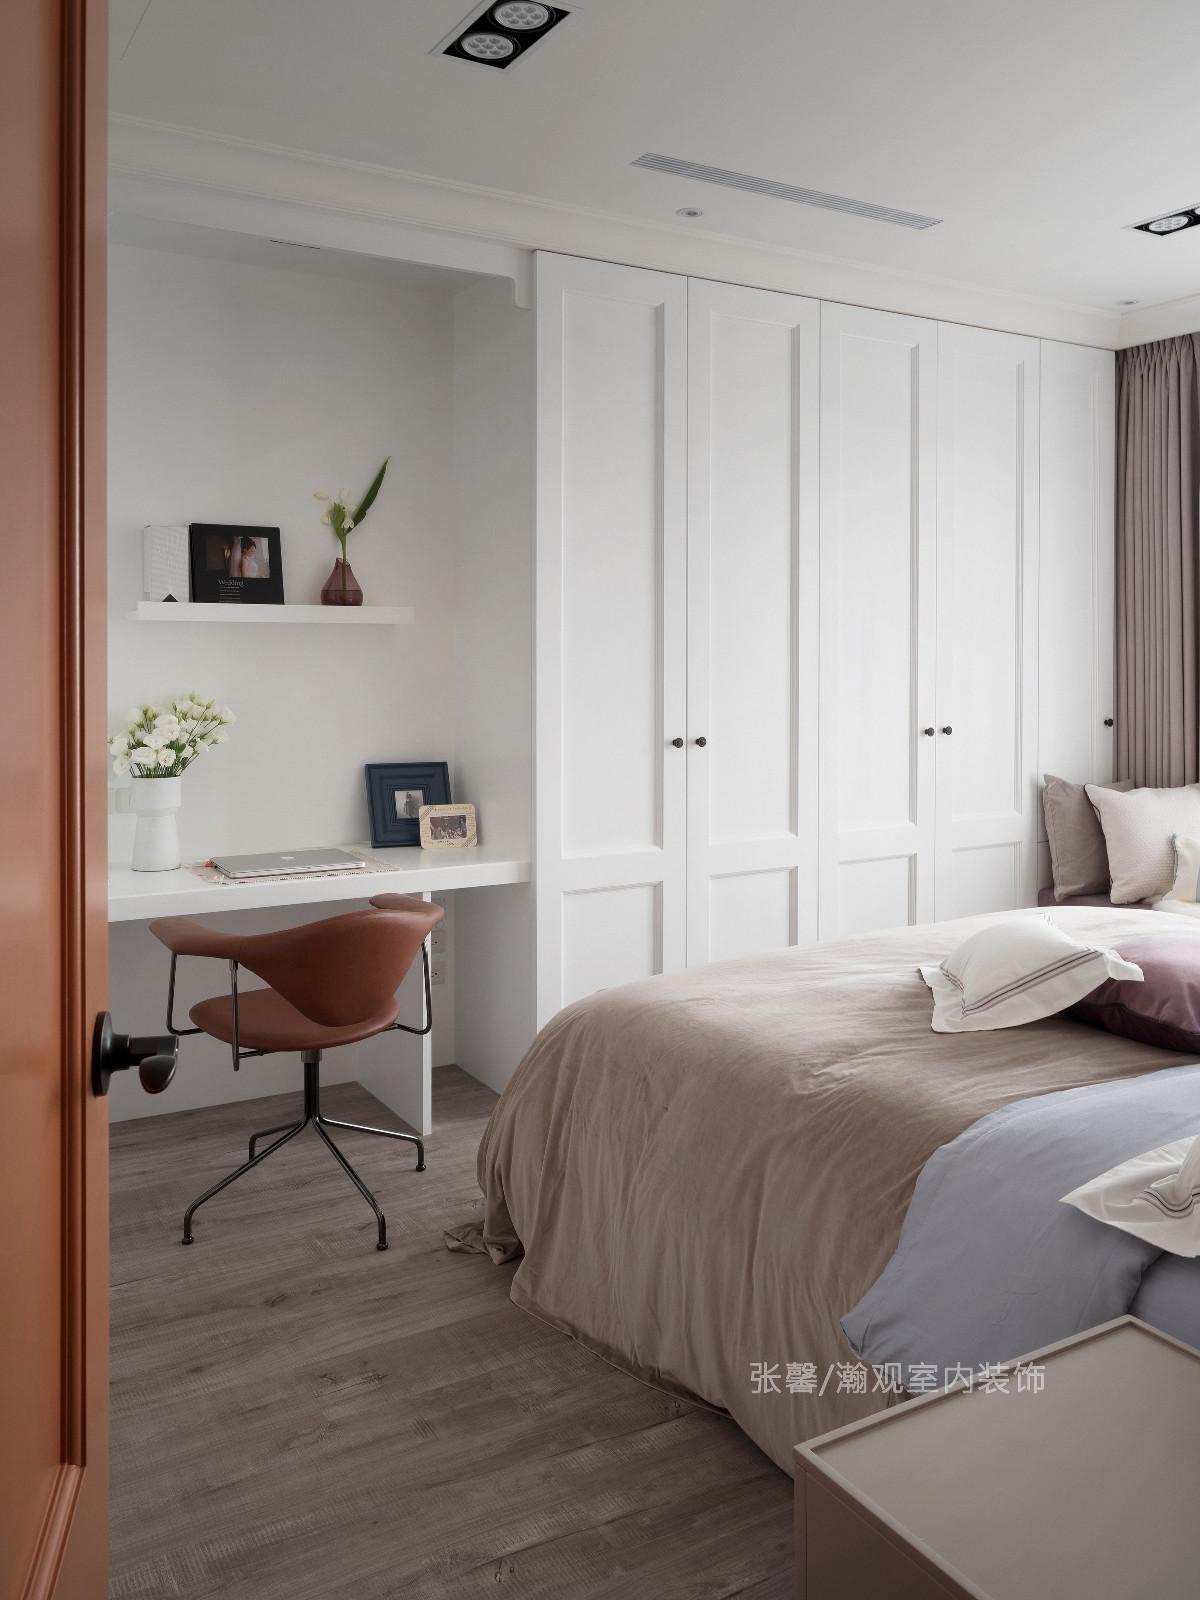 主卧房以白、咖啡色为空间基底色,加上屋主太太喜爱的浅紫色窗帘,搭配温润的木地板,让氛围由公领域的利落转化为温柔质感。